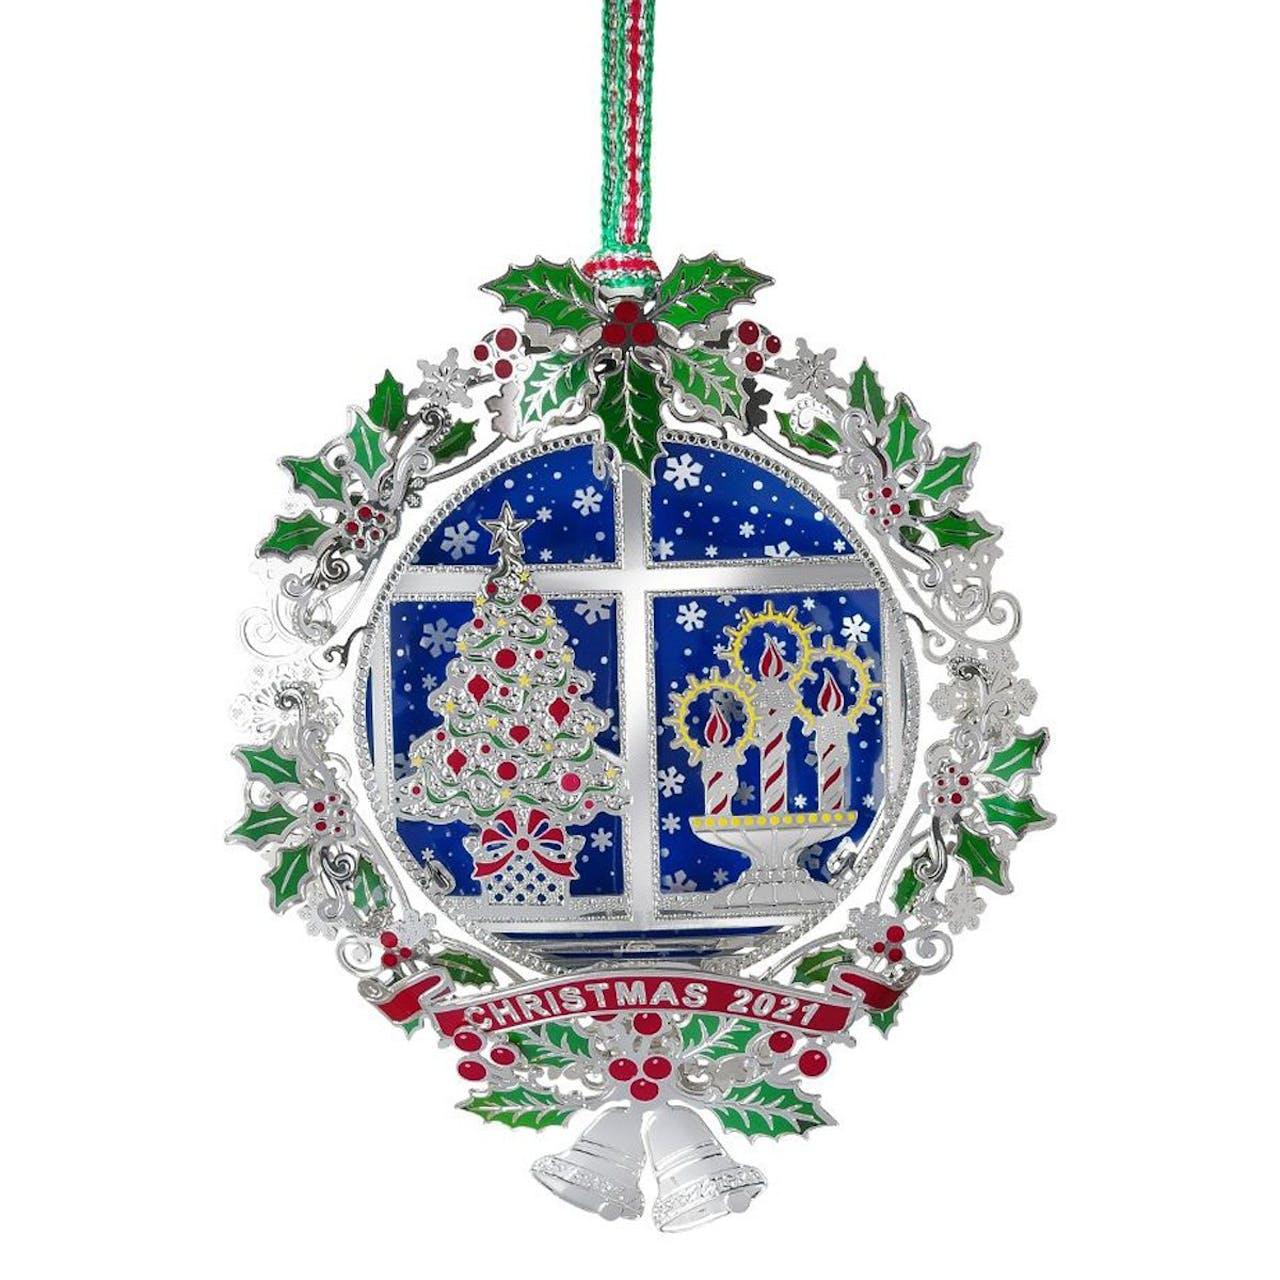 Newbridge Christmas Collectible 2021 1